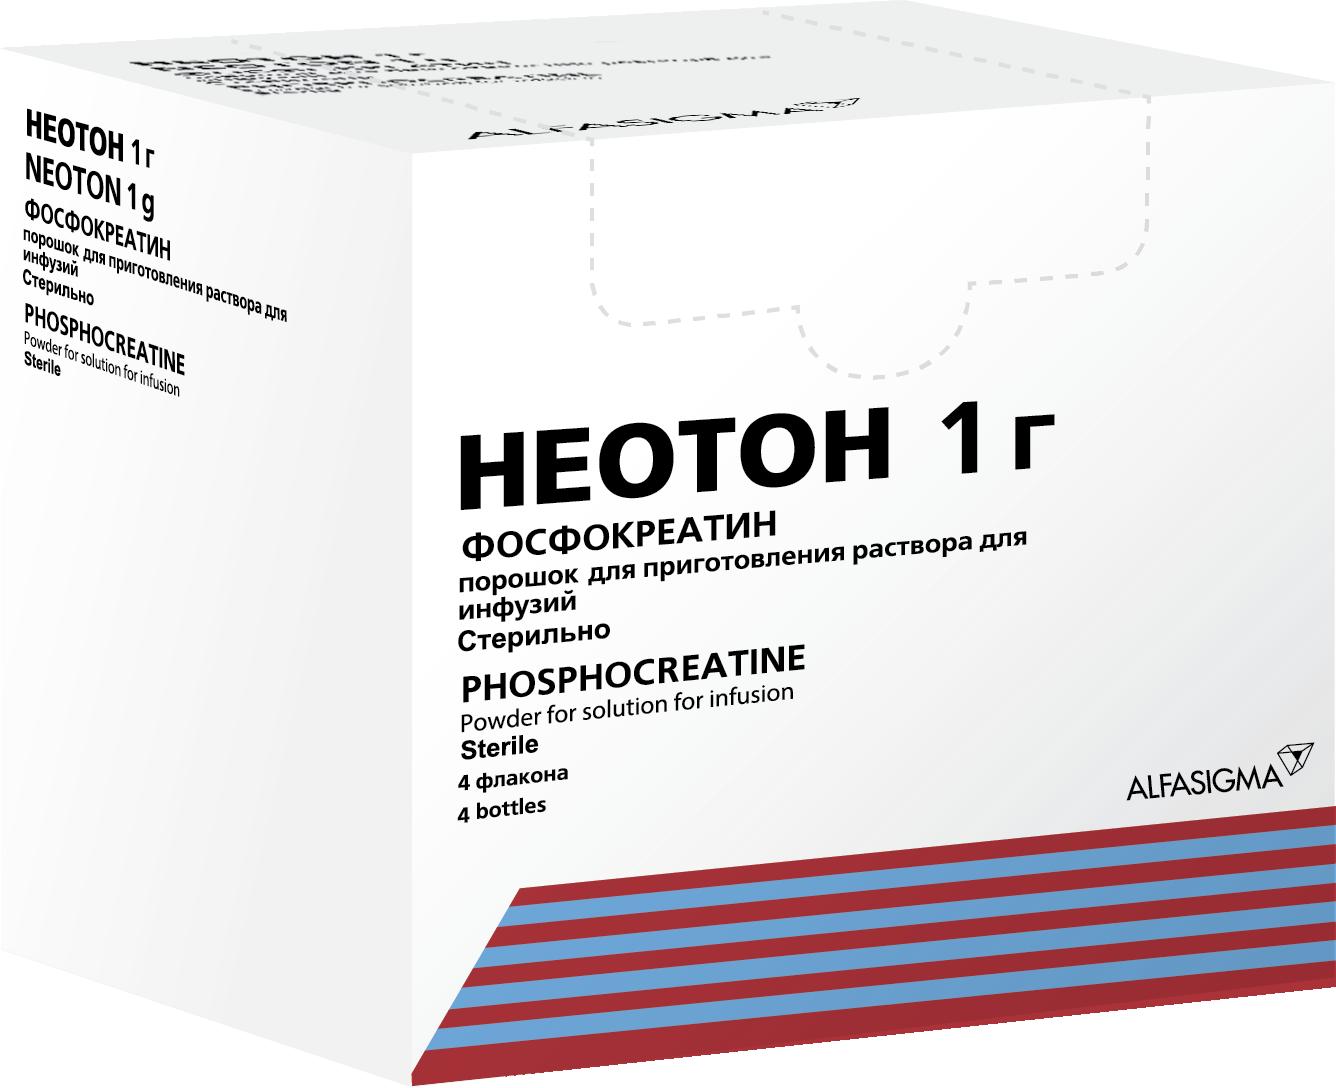 Неотон порошок для приготовления раствора для инфузий50 мл 4 флакона;